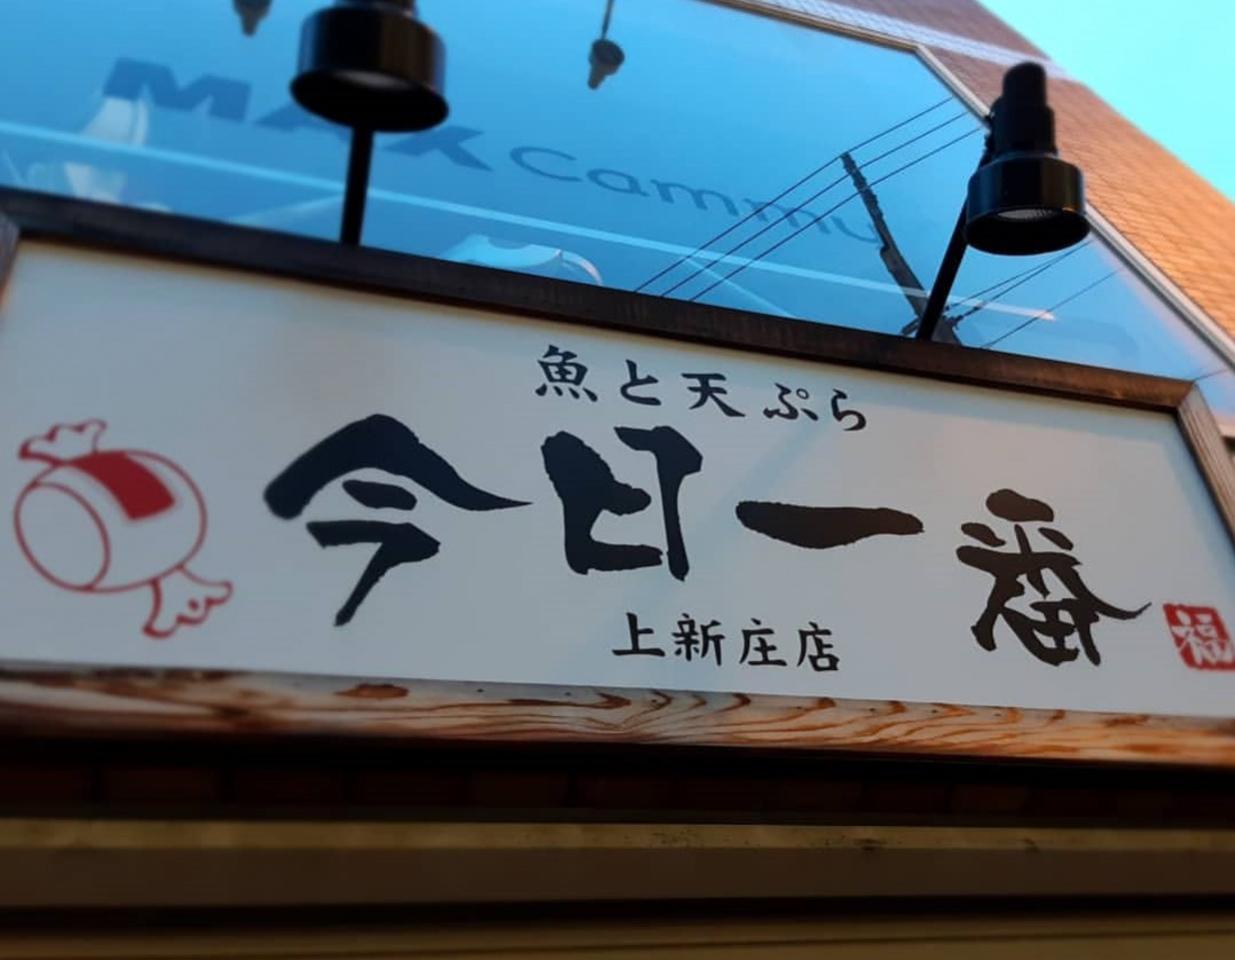 大阪市東淀川区の上新庄駅北口前に魚と天ぷら「今日一番上新庄店」がオープンされたようです。